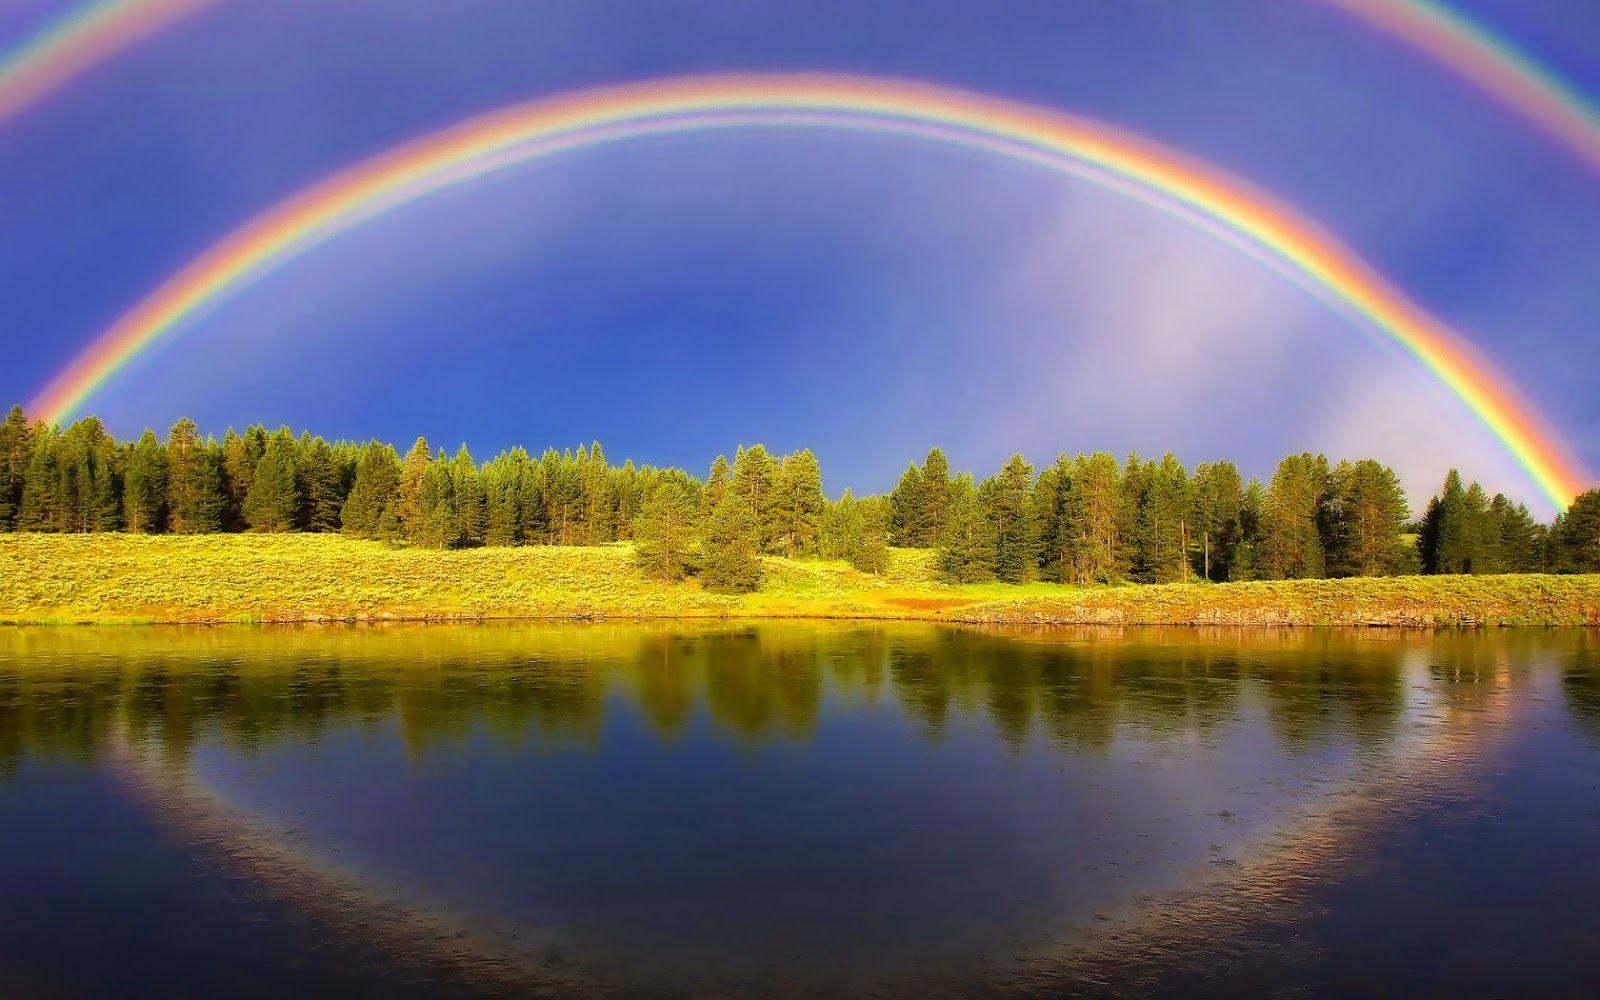 regenbogen-hintergrundbilder-von-einem-landschaft-mit-schonen-regenbogen-ein-see-und-baume.jpg (1600×1000)